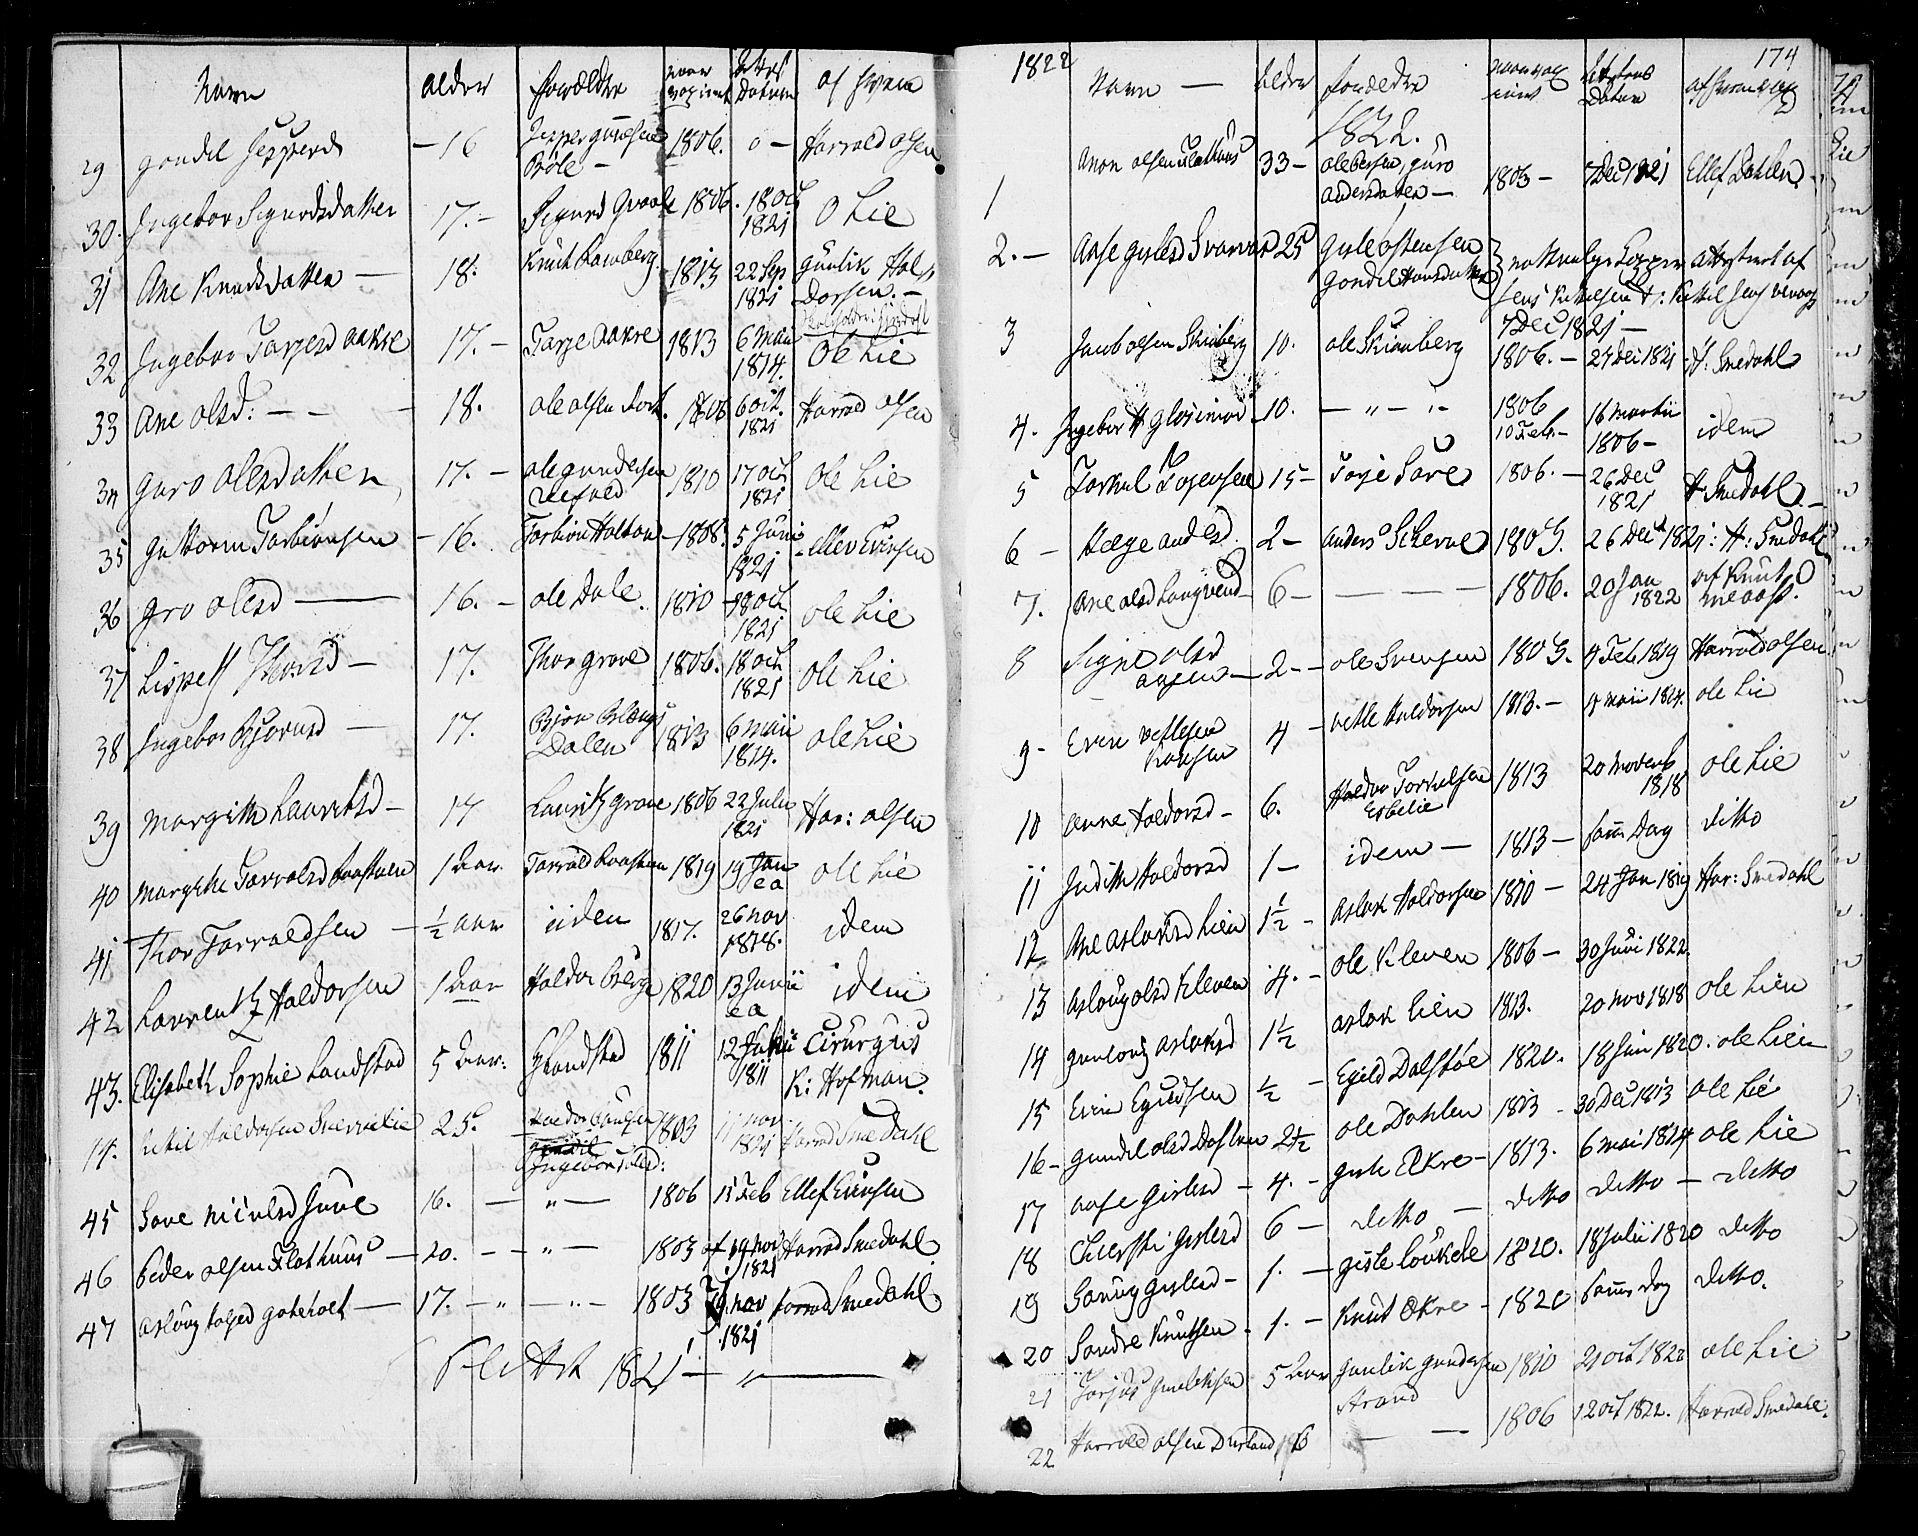 SAKO, Seljord kirkebøker, F/Fa/L0009: Ministerialbok nr. I 9, 1801-1814, s. 174